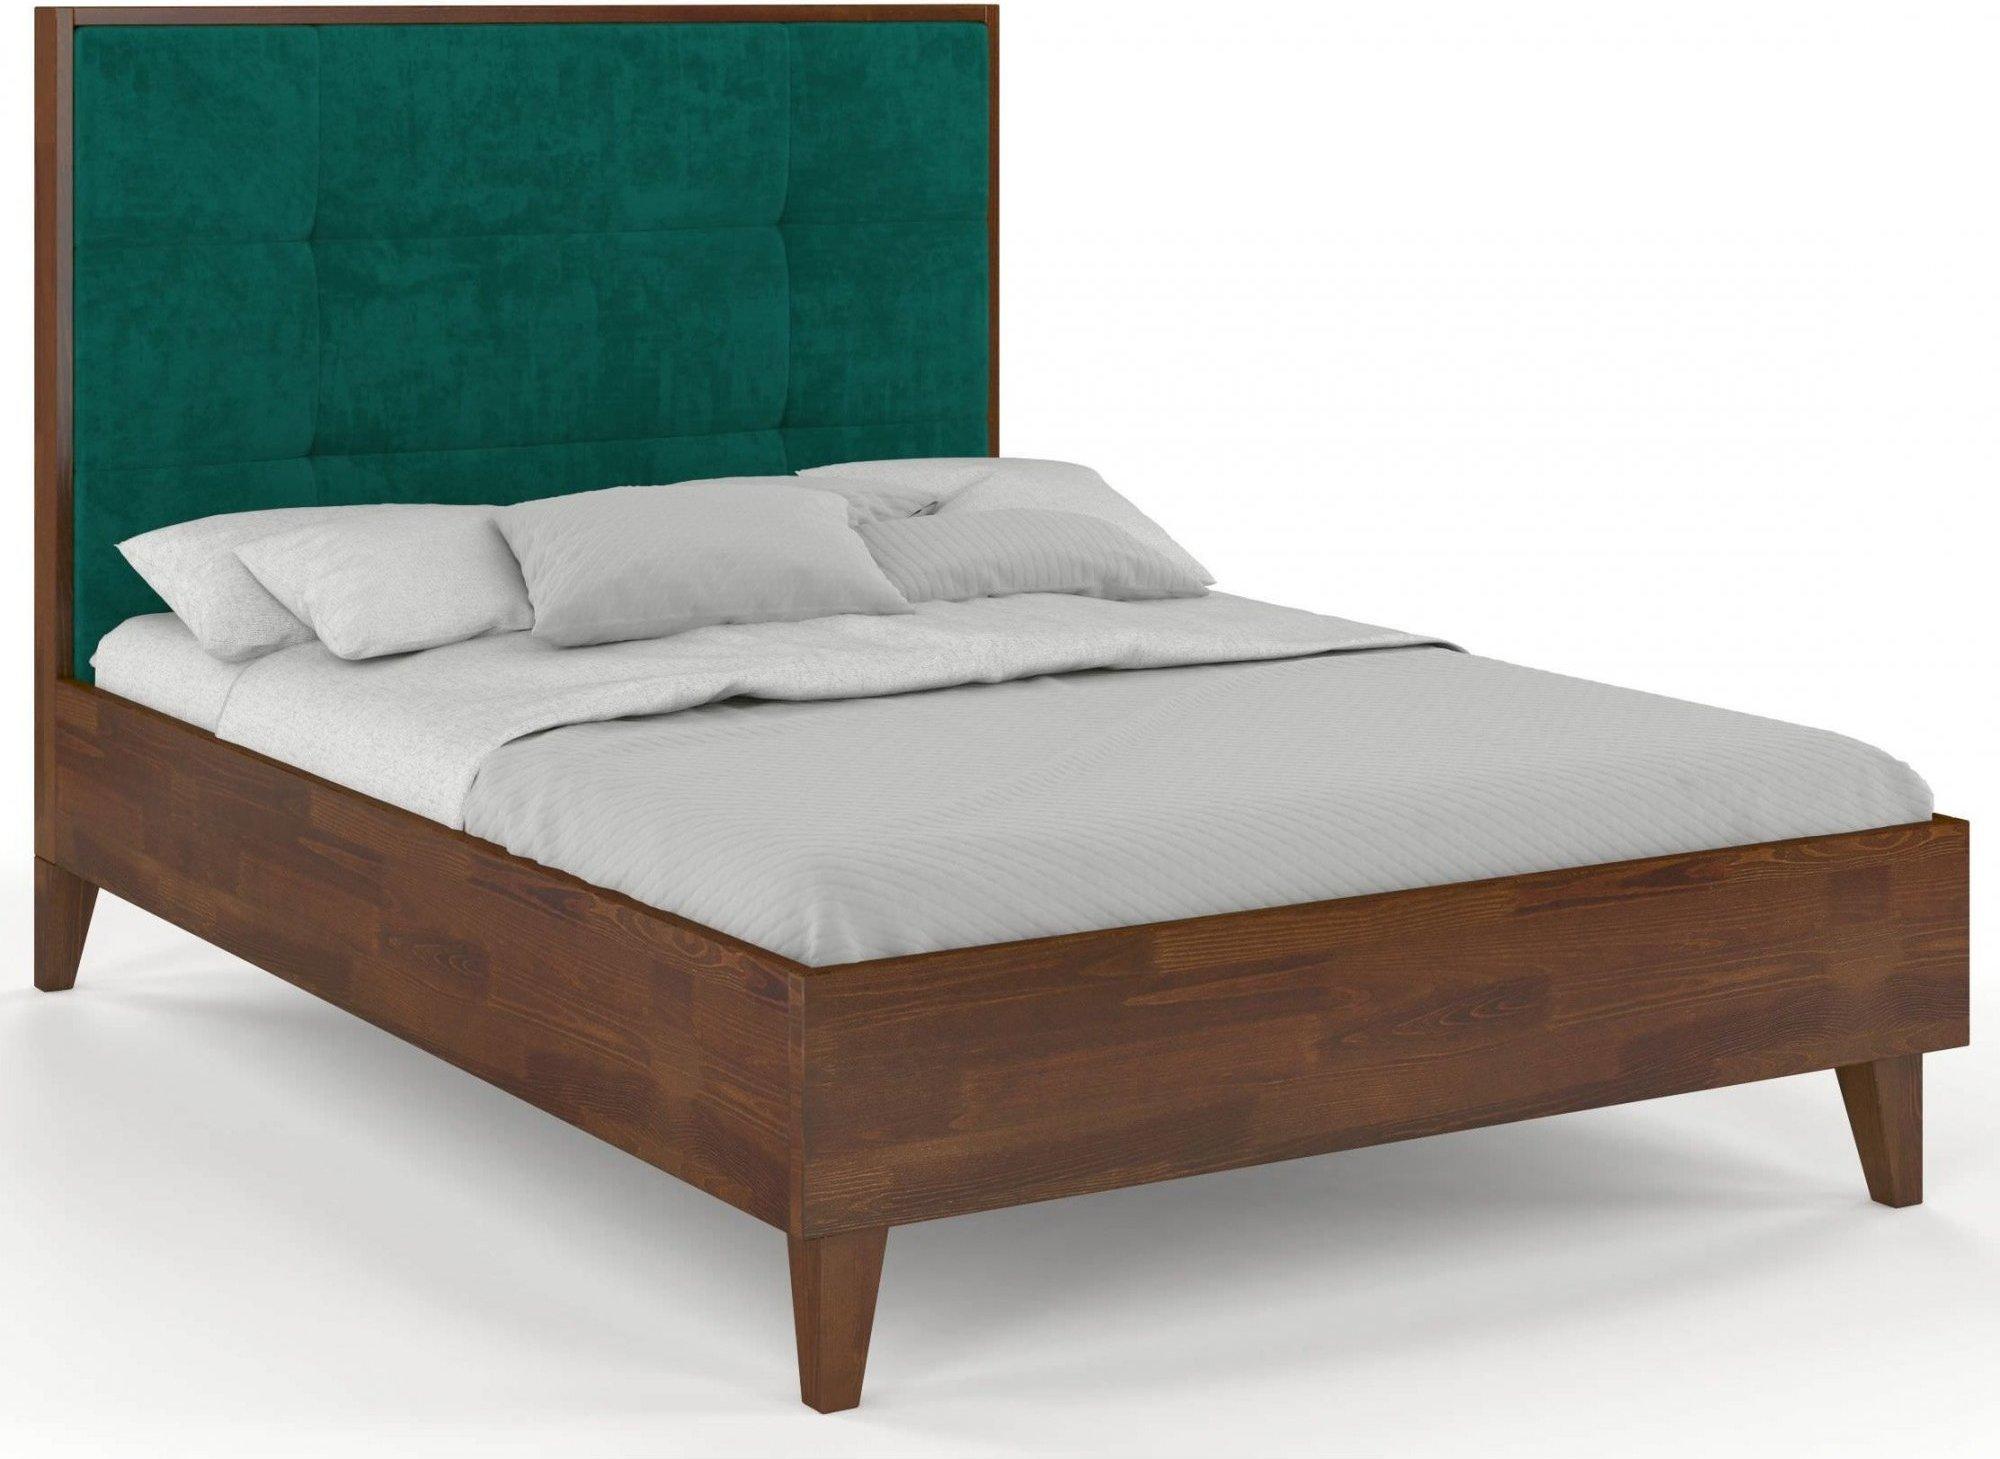 Lit avec tête de lit sommier noyer massif vert 140x200cm